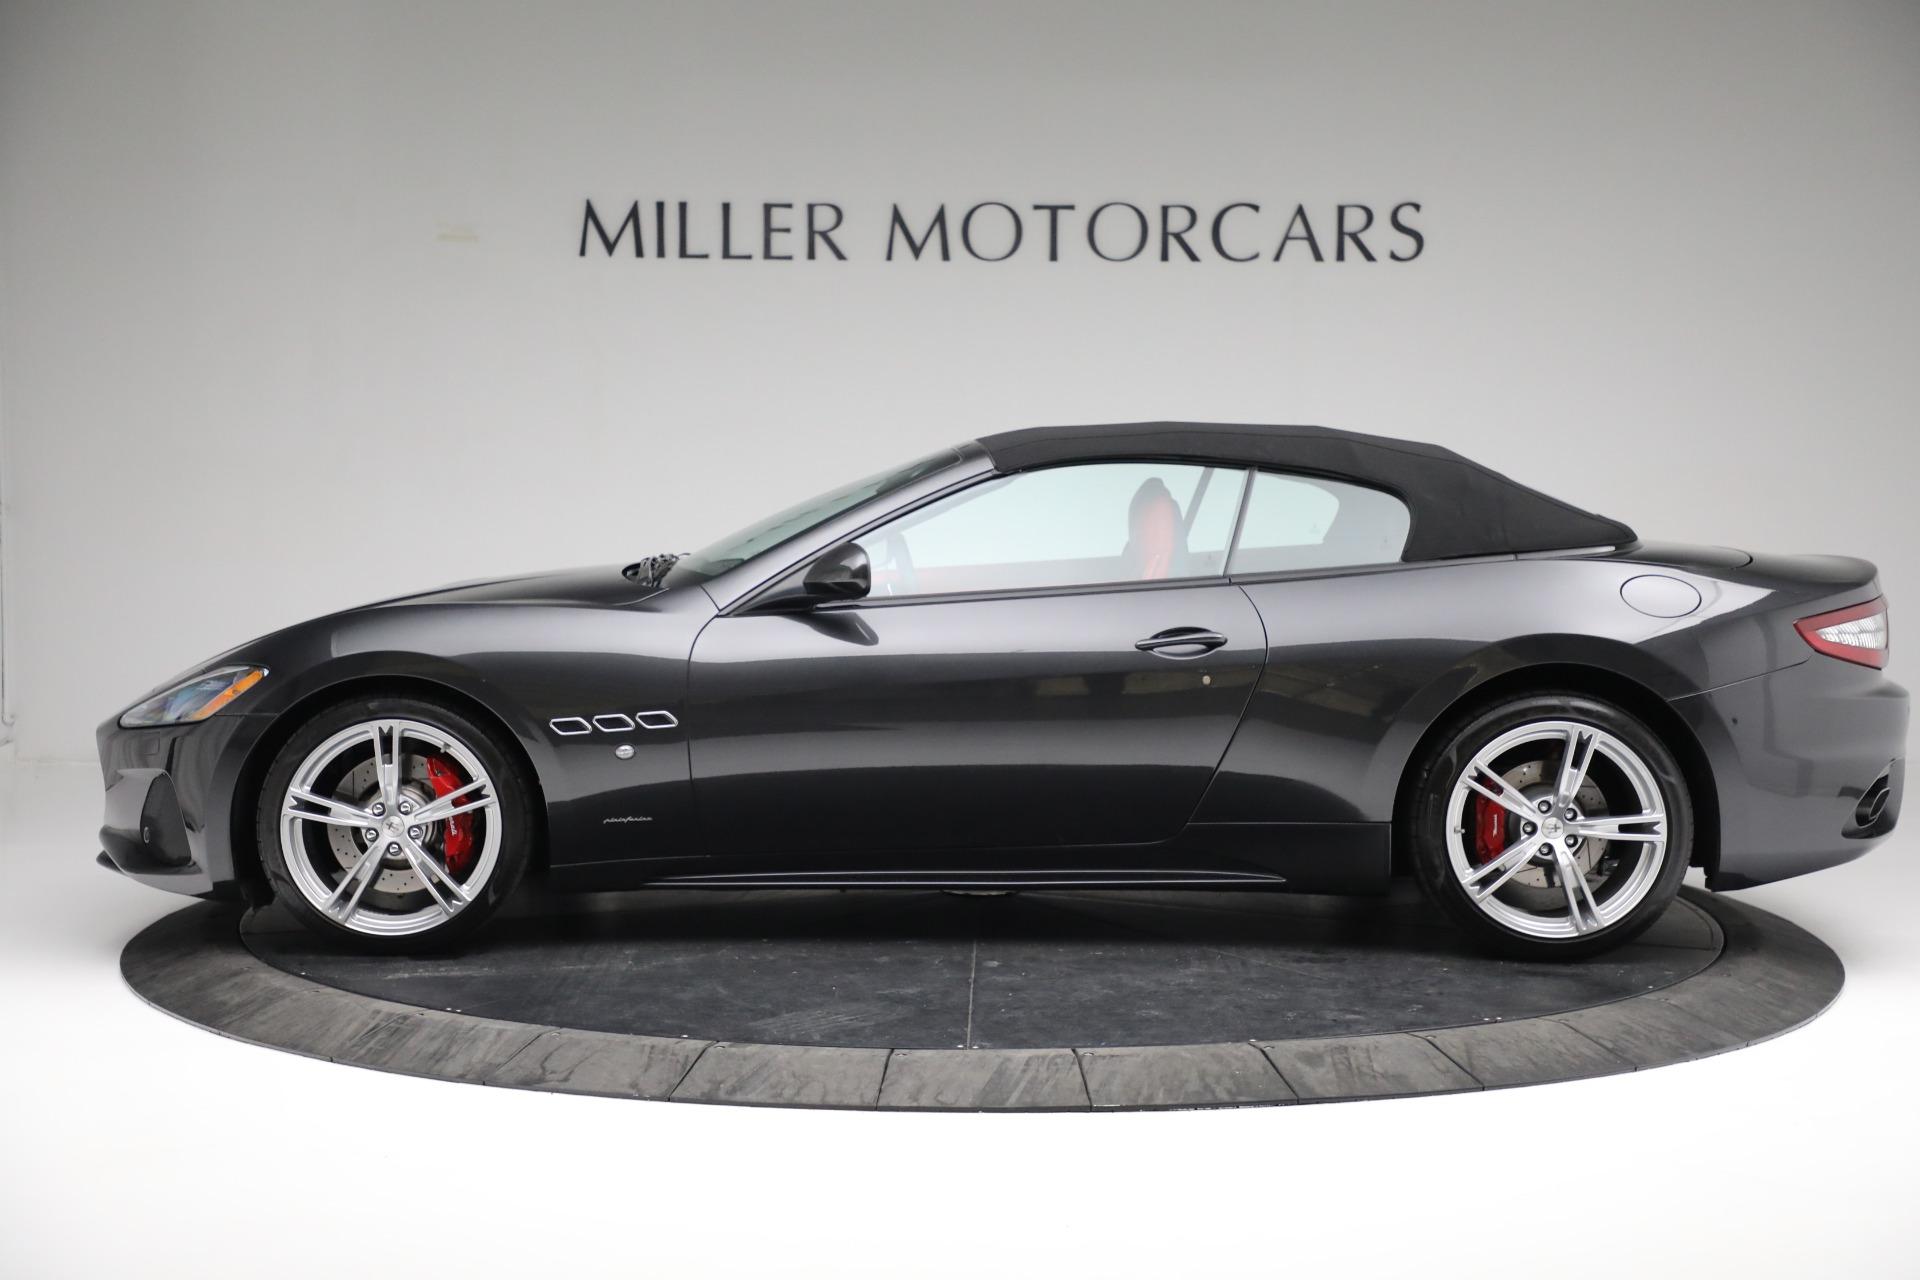 New-2019-Maserati-GranTurismo-Sport-Convertible